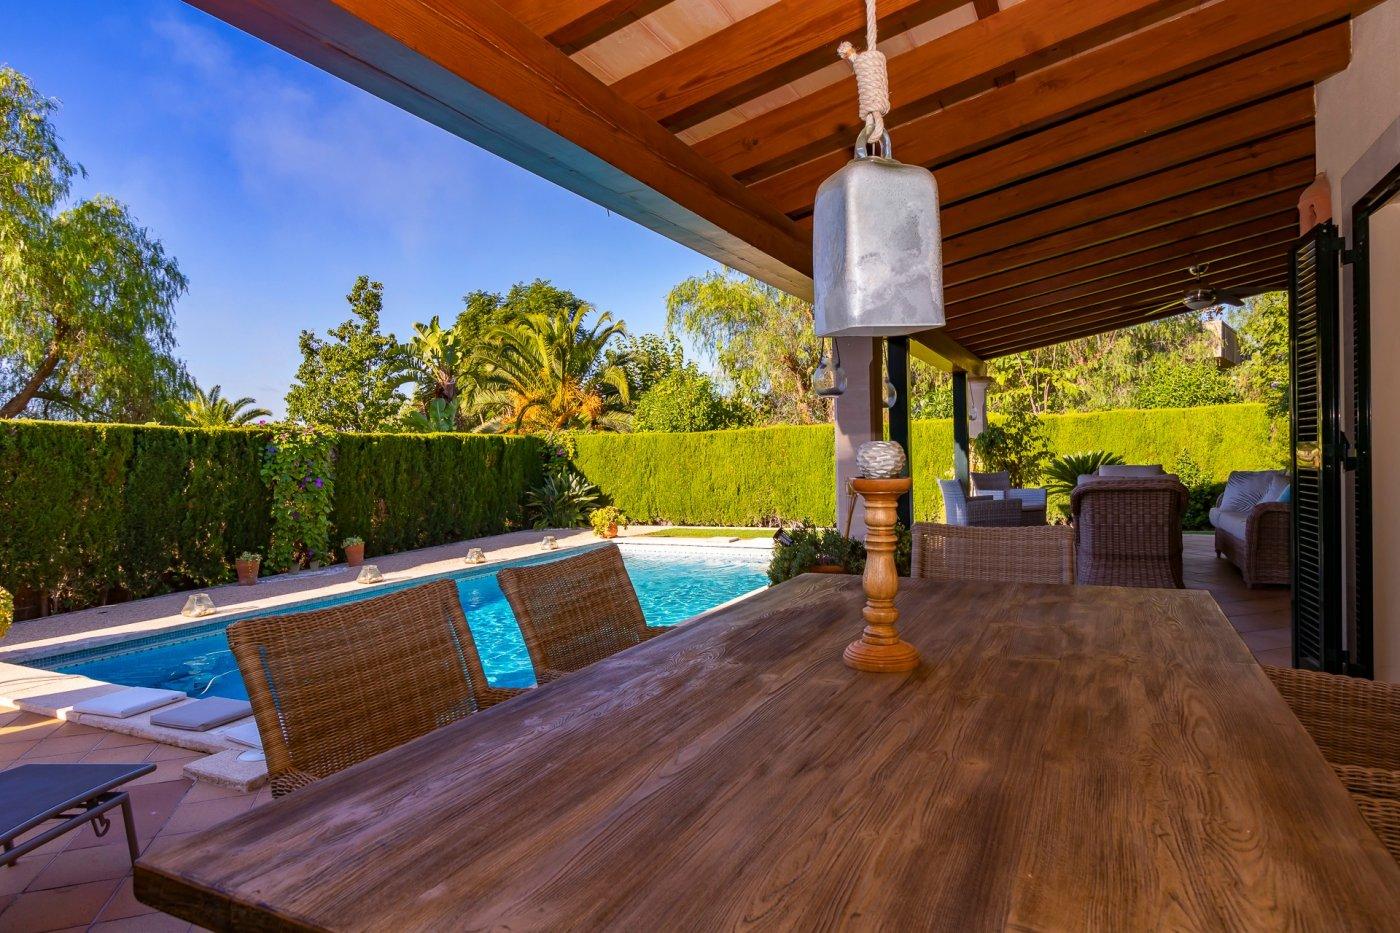 MagnÍfico chalet con piscina en sa cabaneta, marratxi - imagenInmueble2